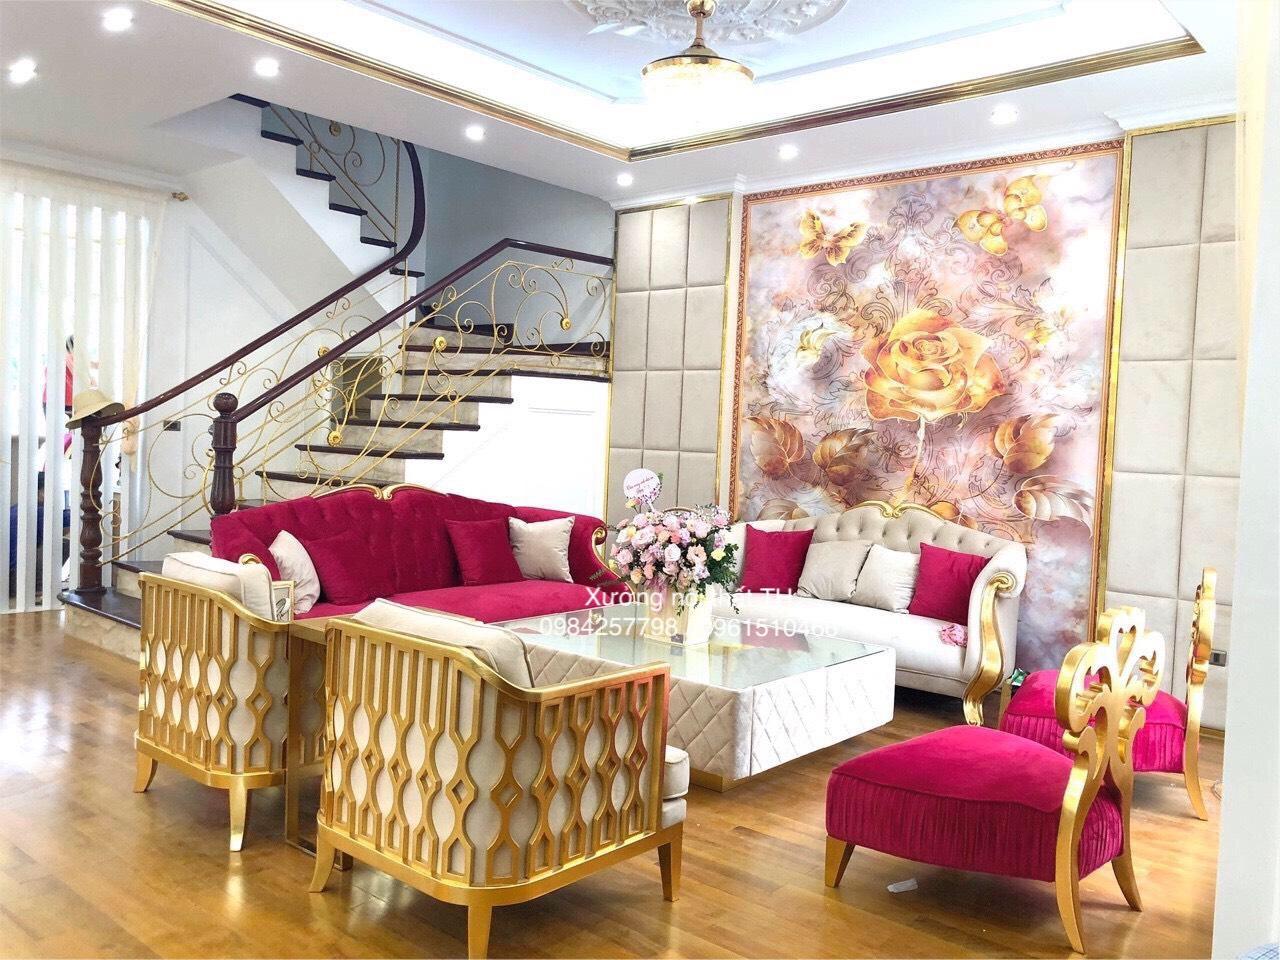 Bộ sofa CG tân cổ điển xa hoa , hoành tráng khi đặt vào biệt thự lộng lẫy